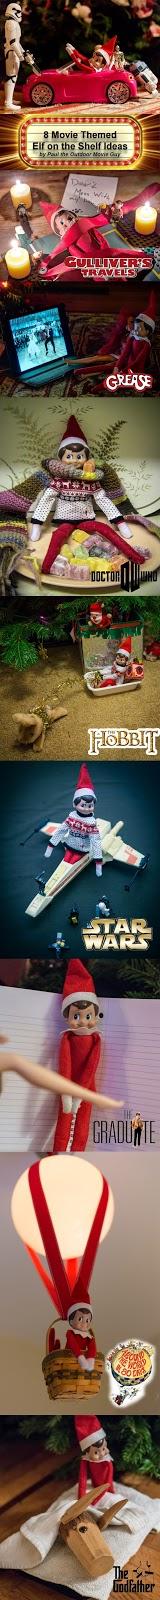 8 Movie Themed Elf on the Shelf Ideas